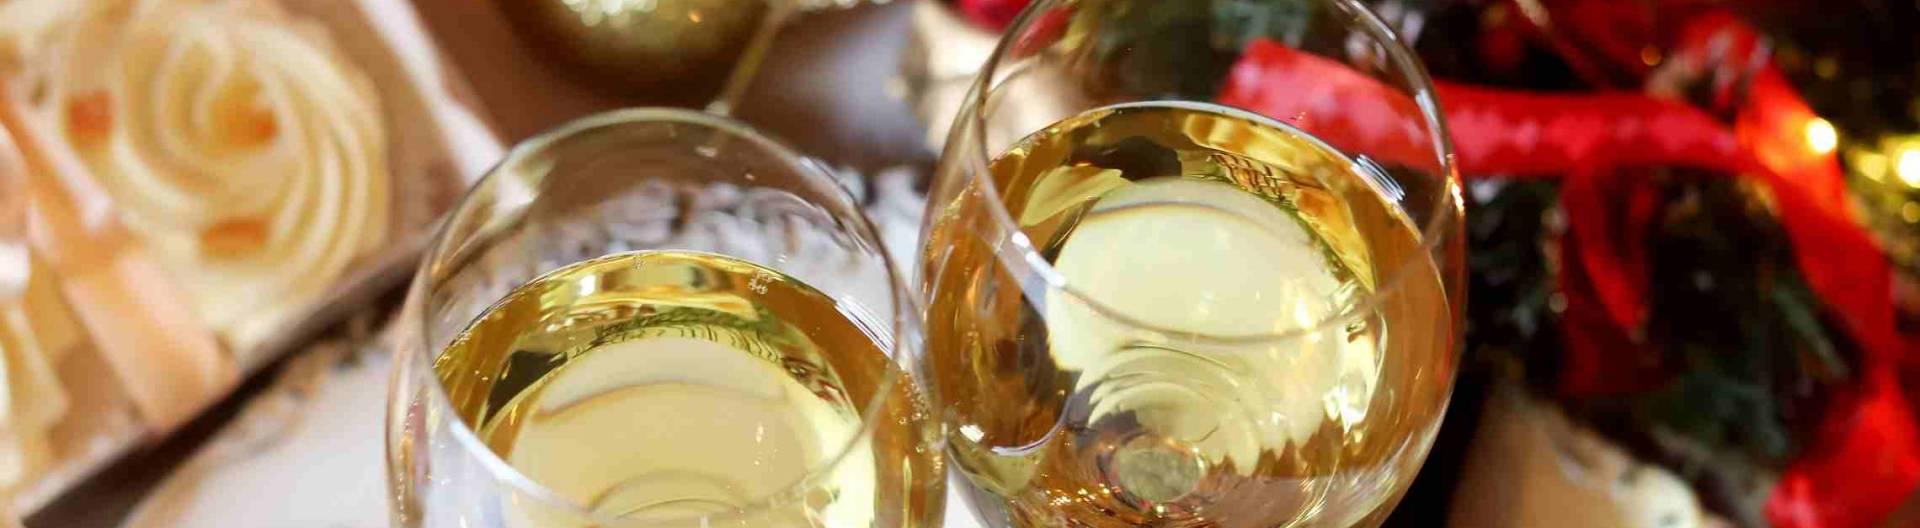 Jouluiset-viinilasit-ruoka-ja-juoma-1920x528.jpg